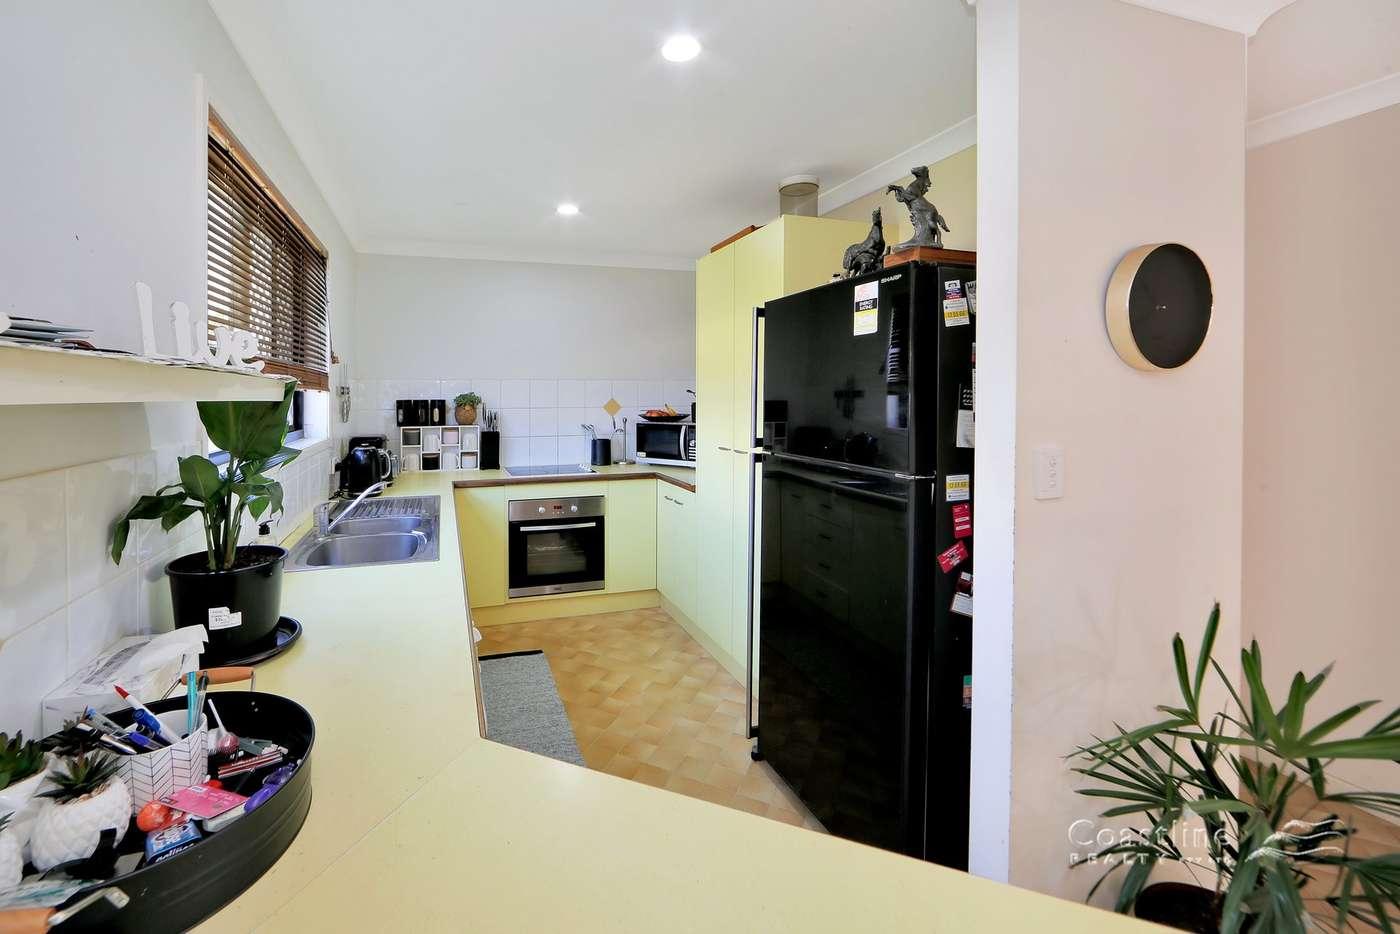 Sixth view of Homely house listing, 27 Bargara Lakes Drive, Bargara QLD 4670